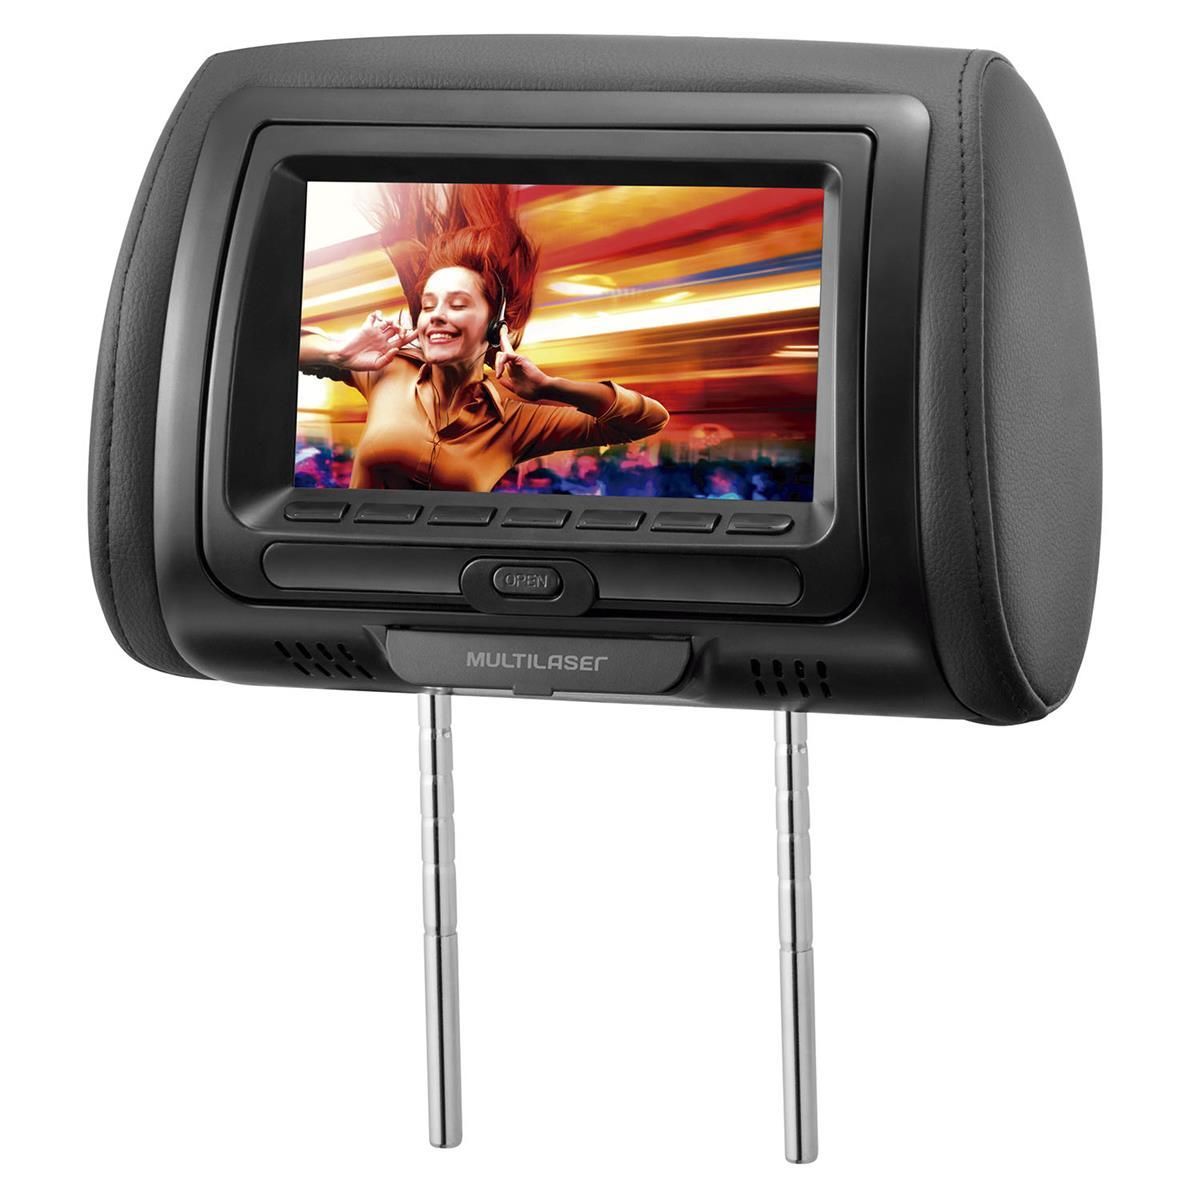 Encosto De Cabeça Com Dvd Player Tela 7 Pol Cinza Multilaser